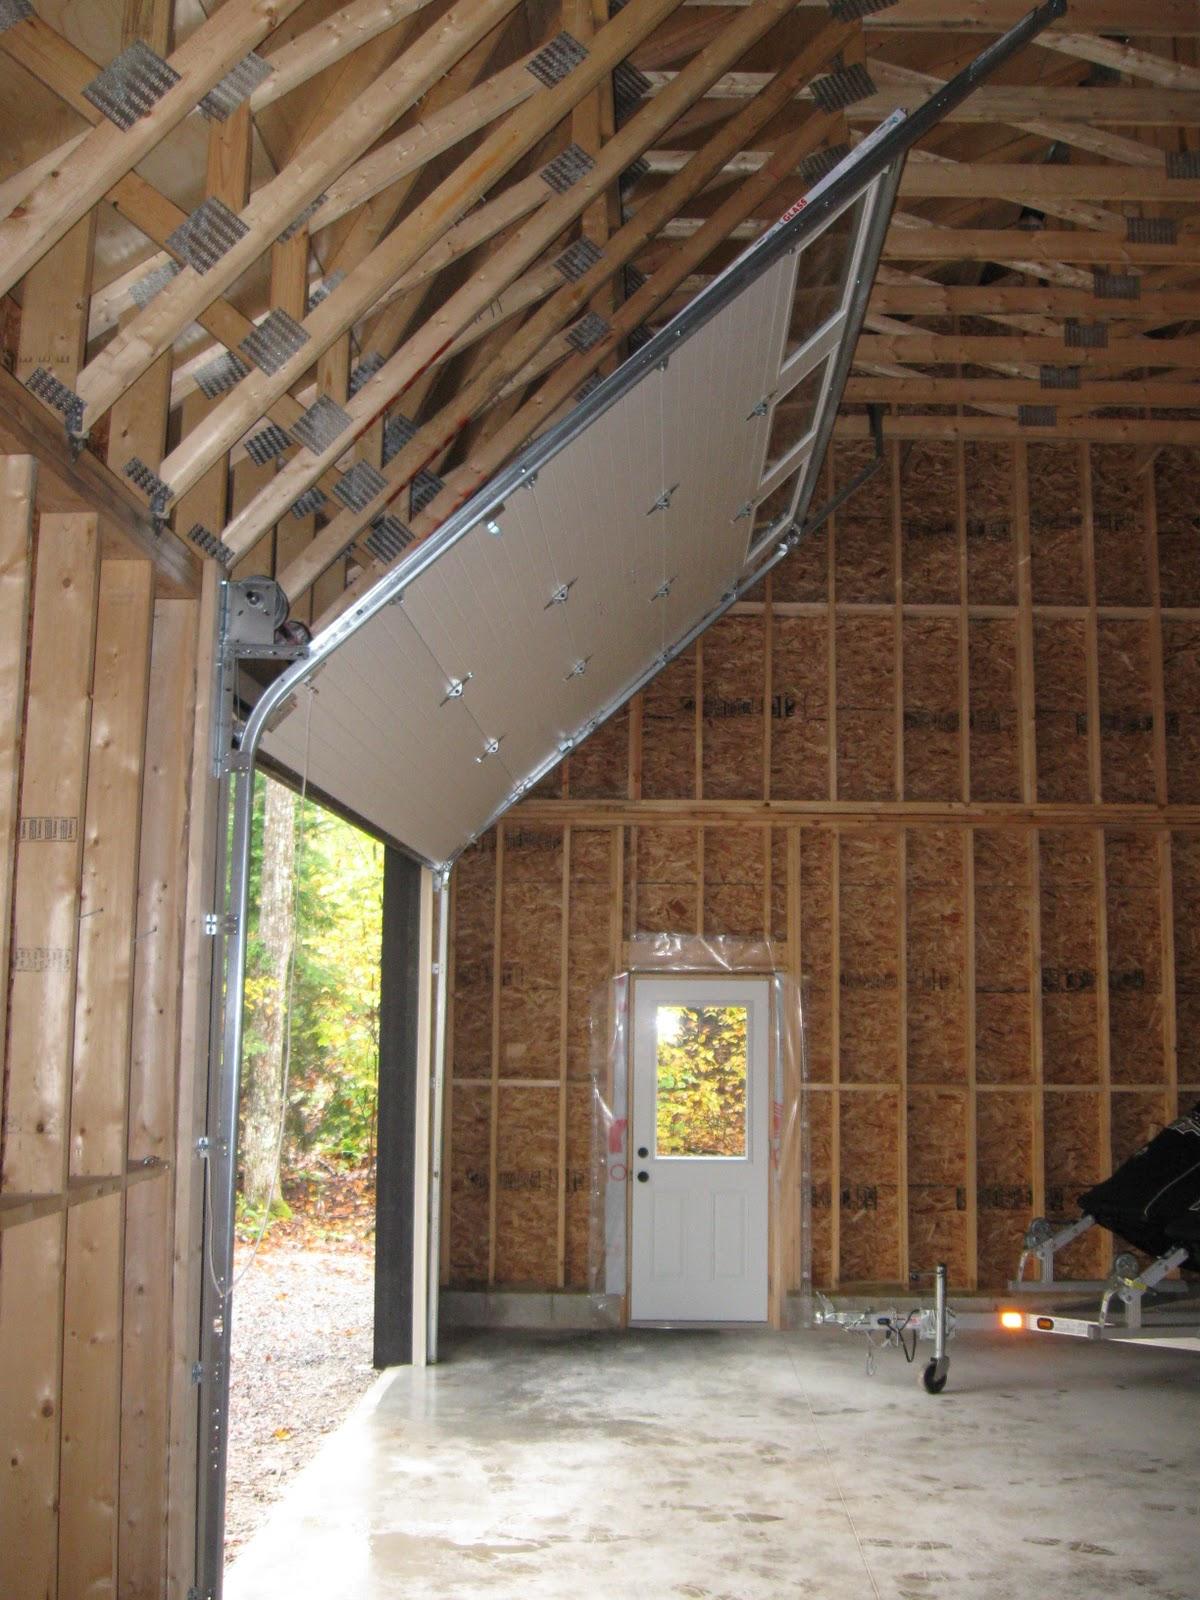 1600 #63462F Complete With R13.5 Insulated Garage Doors wallpaper Complete Garage Doors 36251200